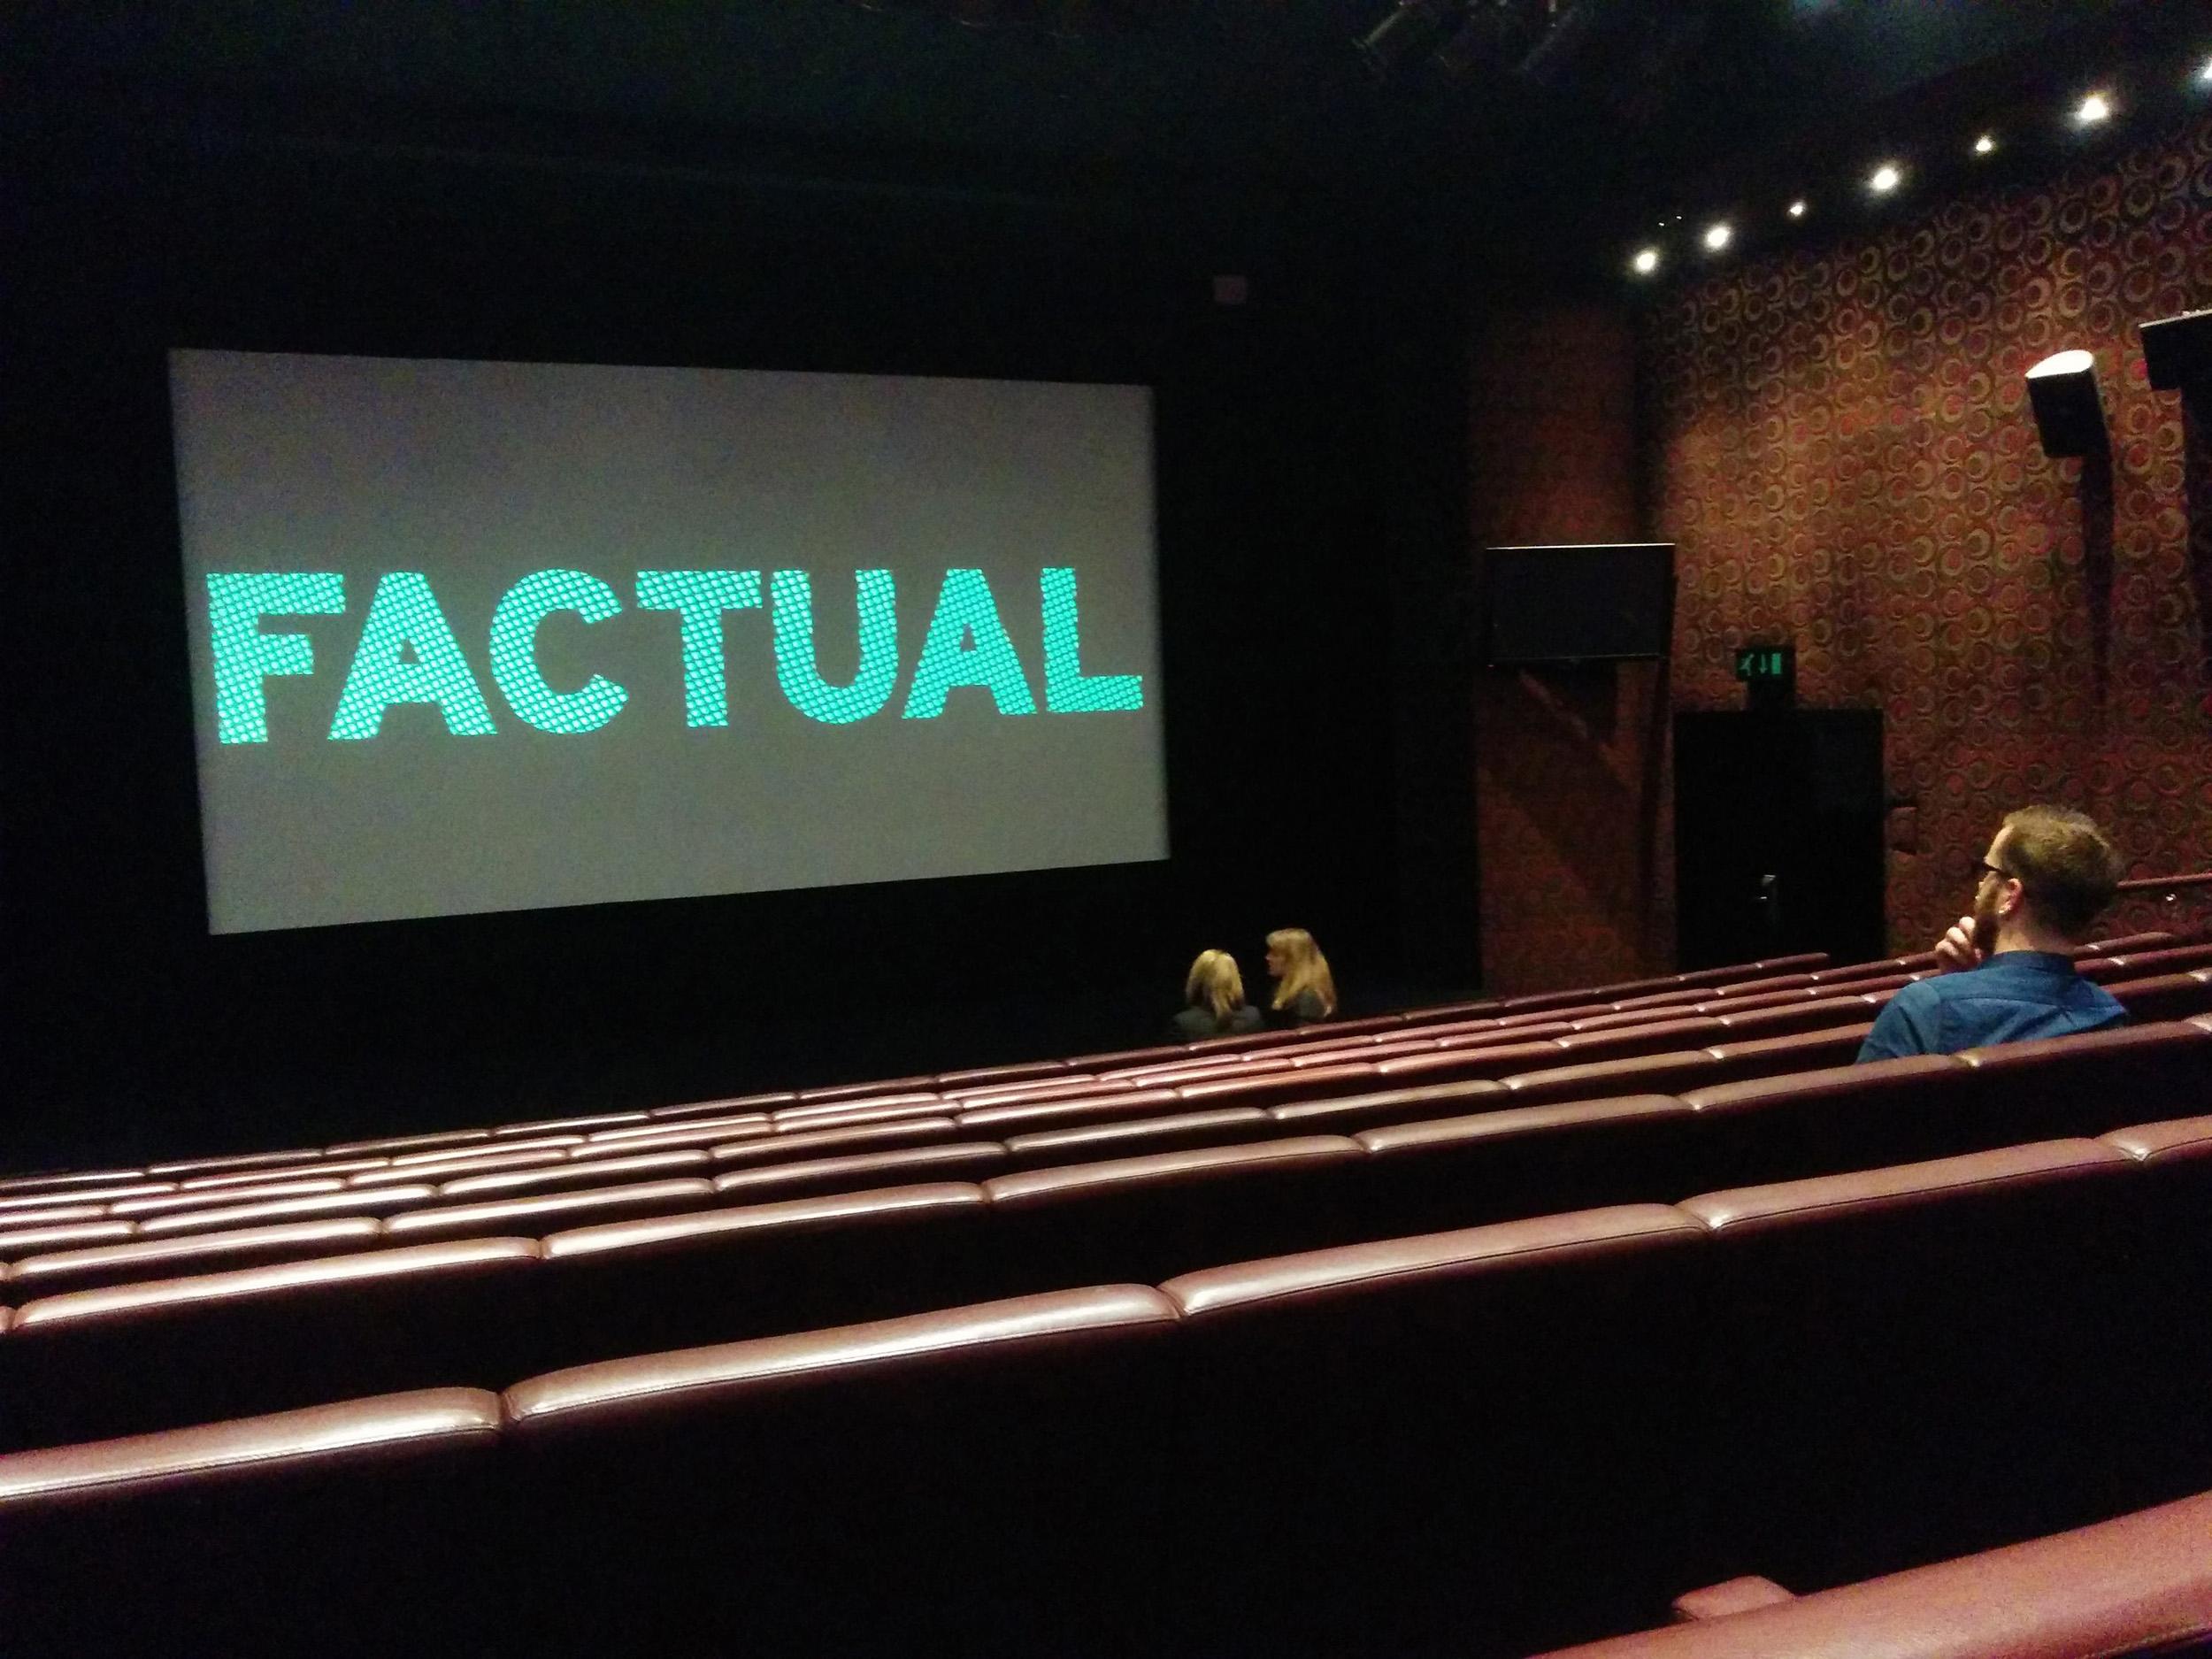 FremantleMedia upfronts event branding